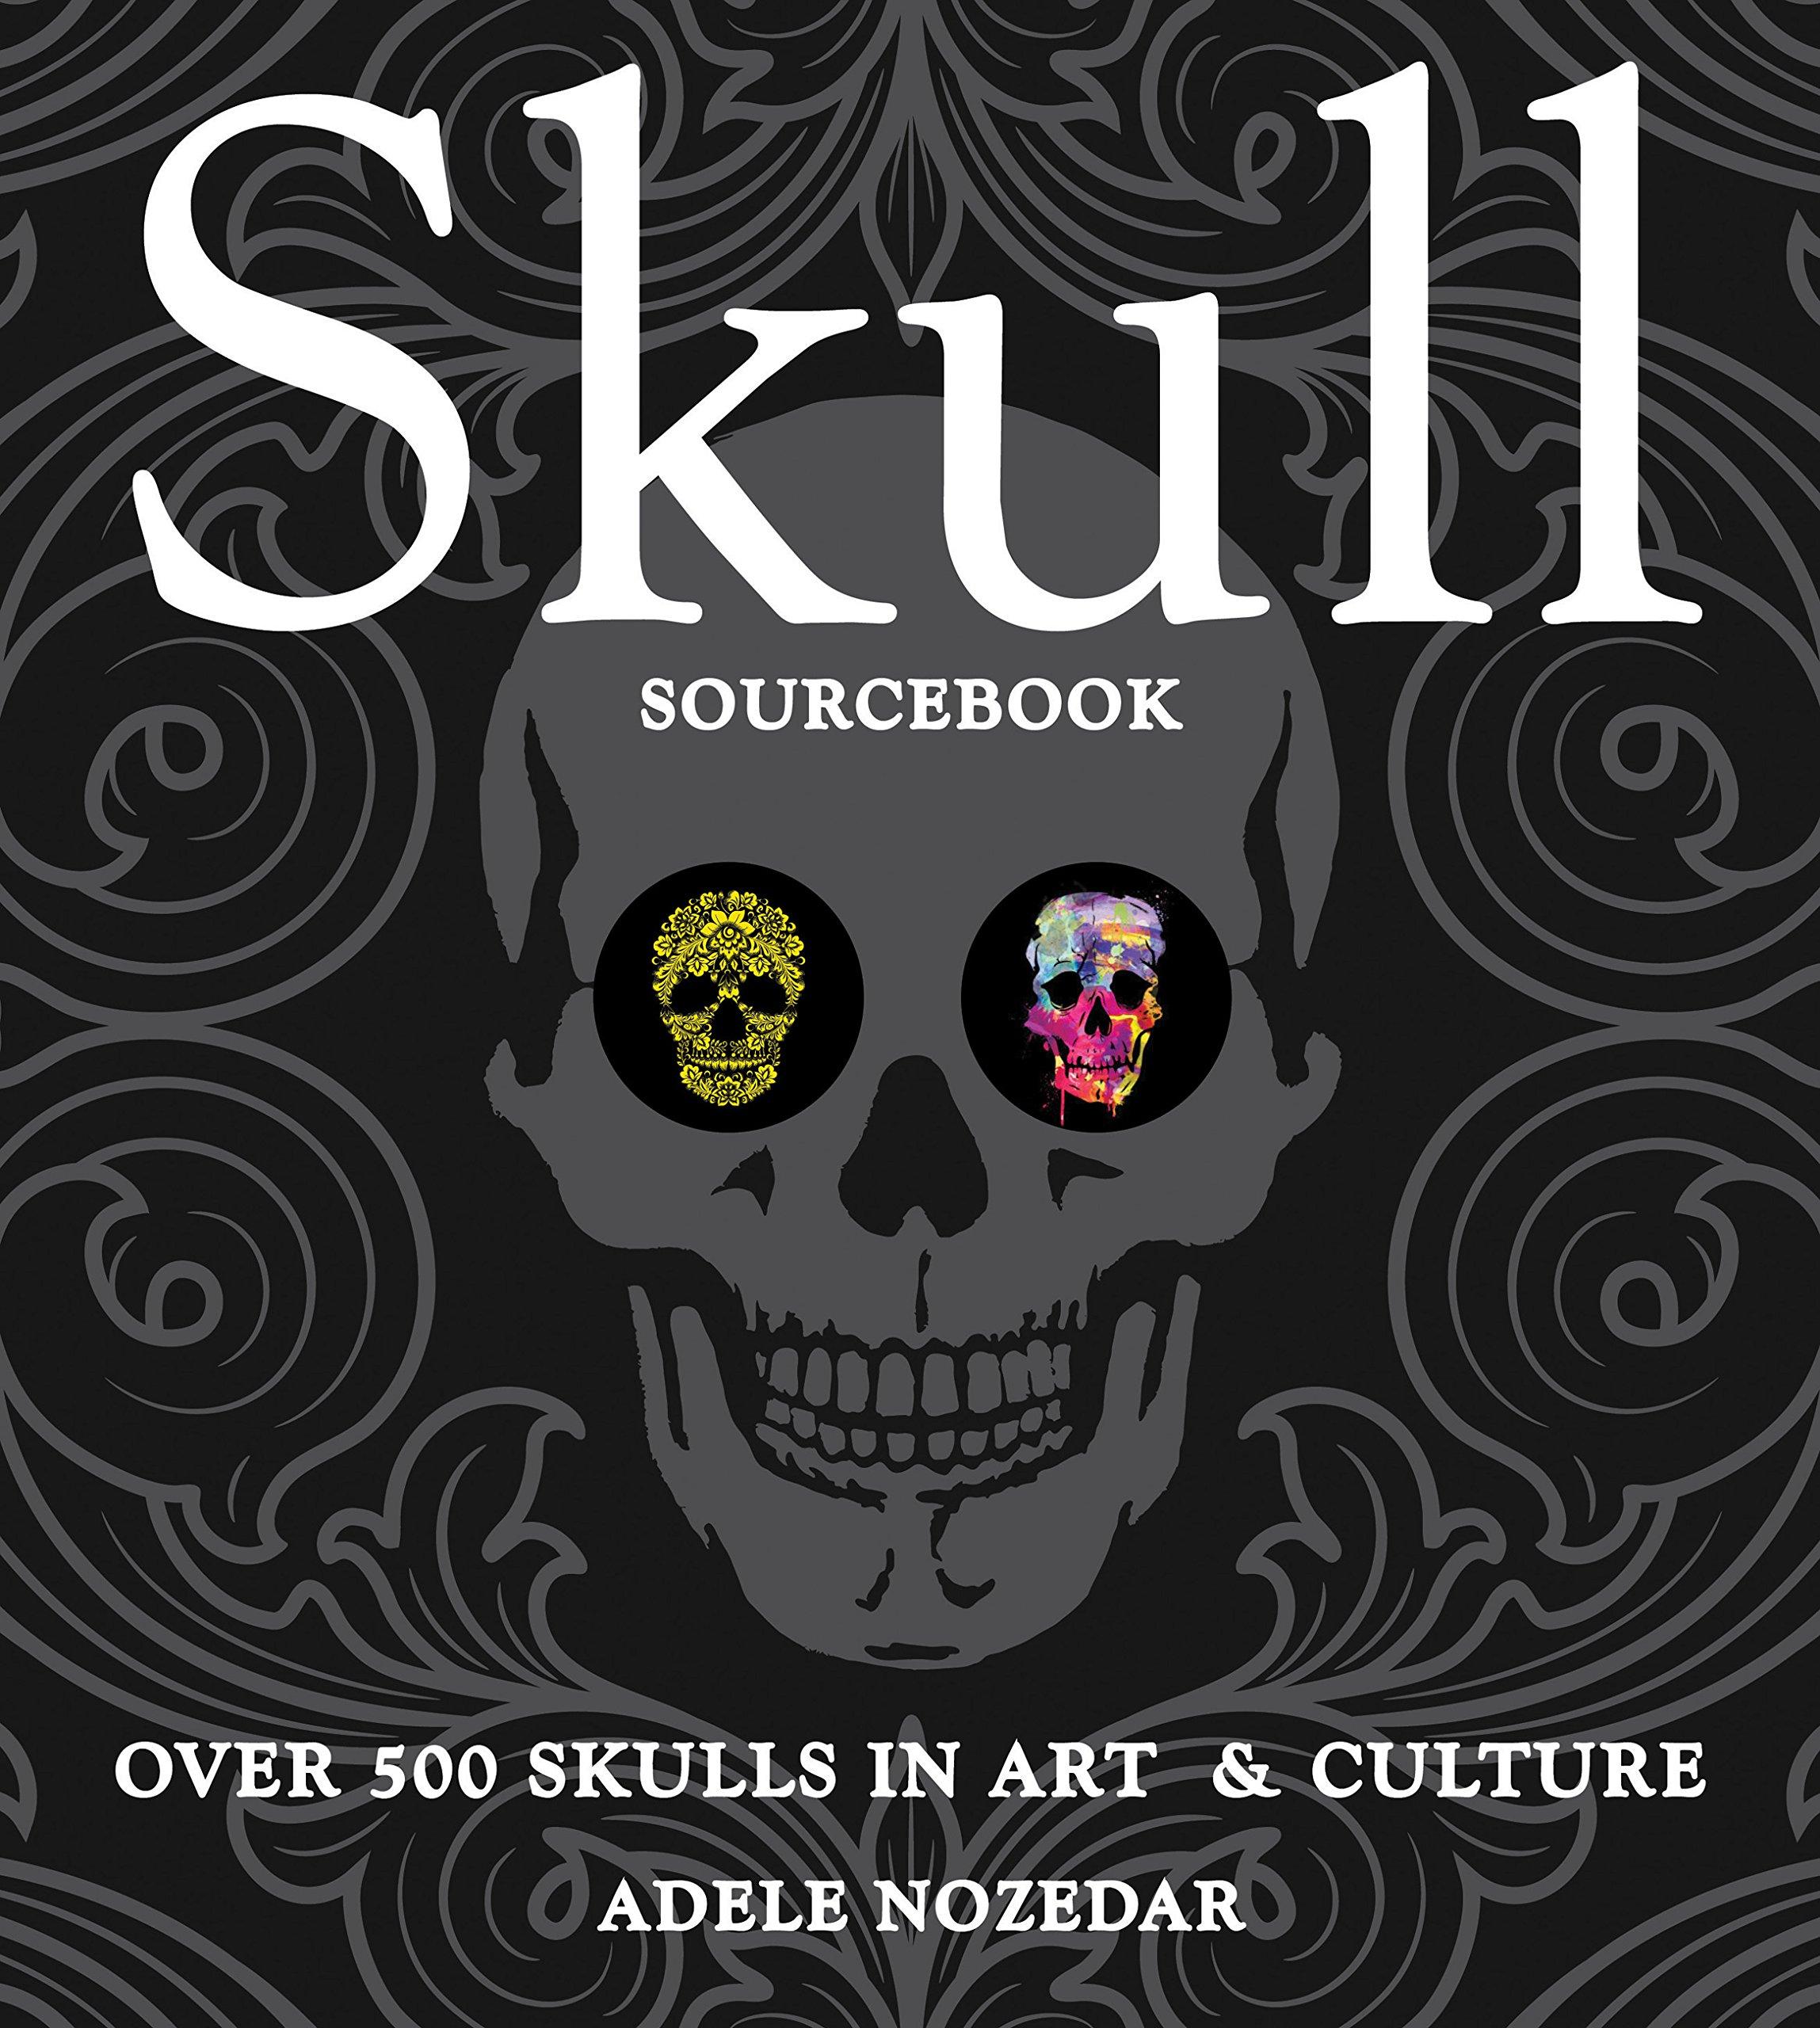 Skull Sourcebook Over 500 Skulls In Art Culture Adele Nozedar